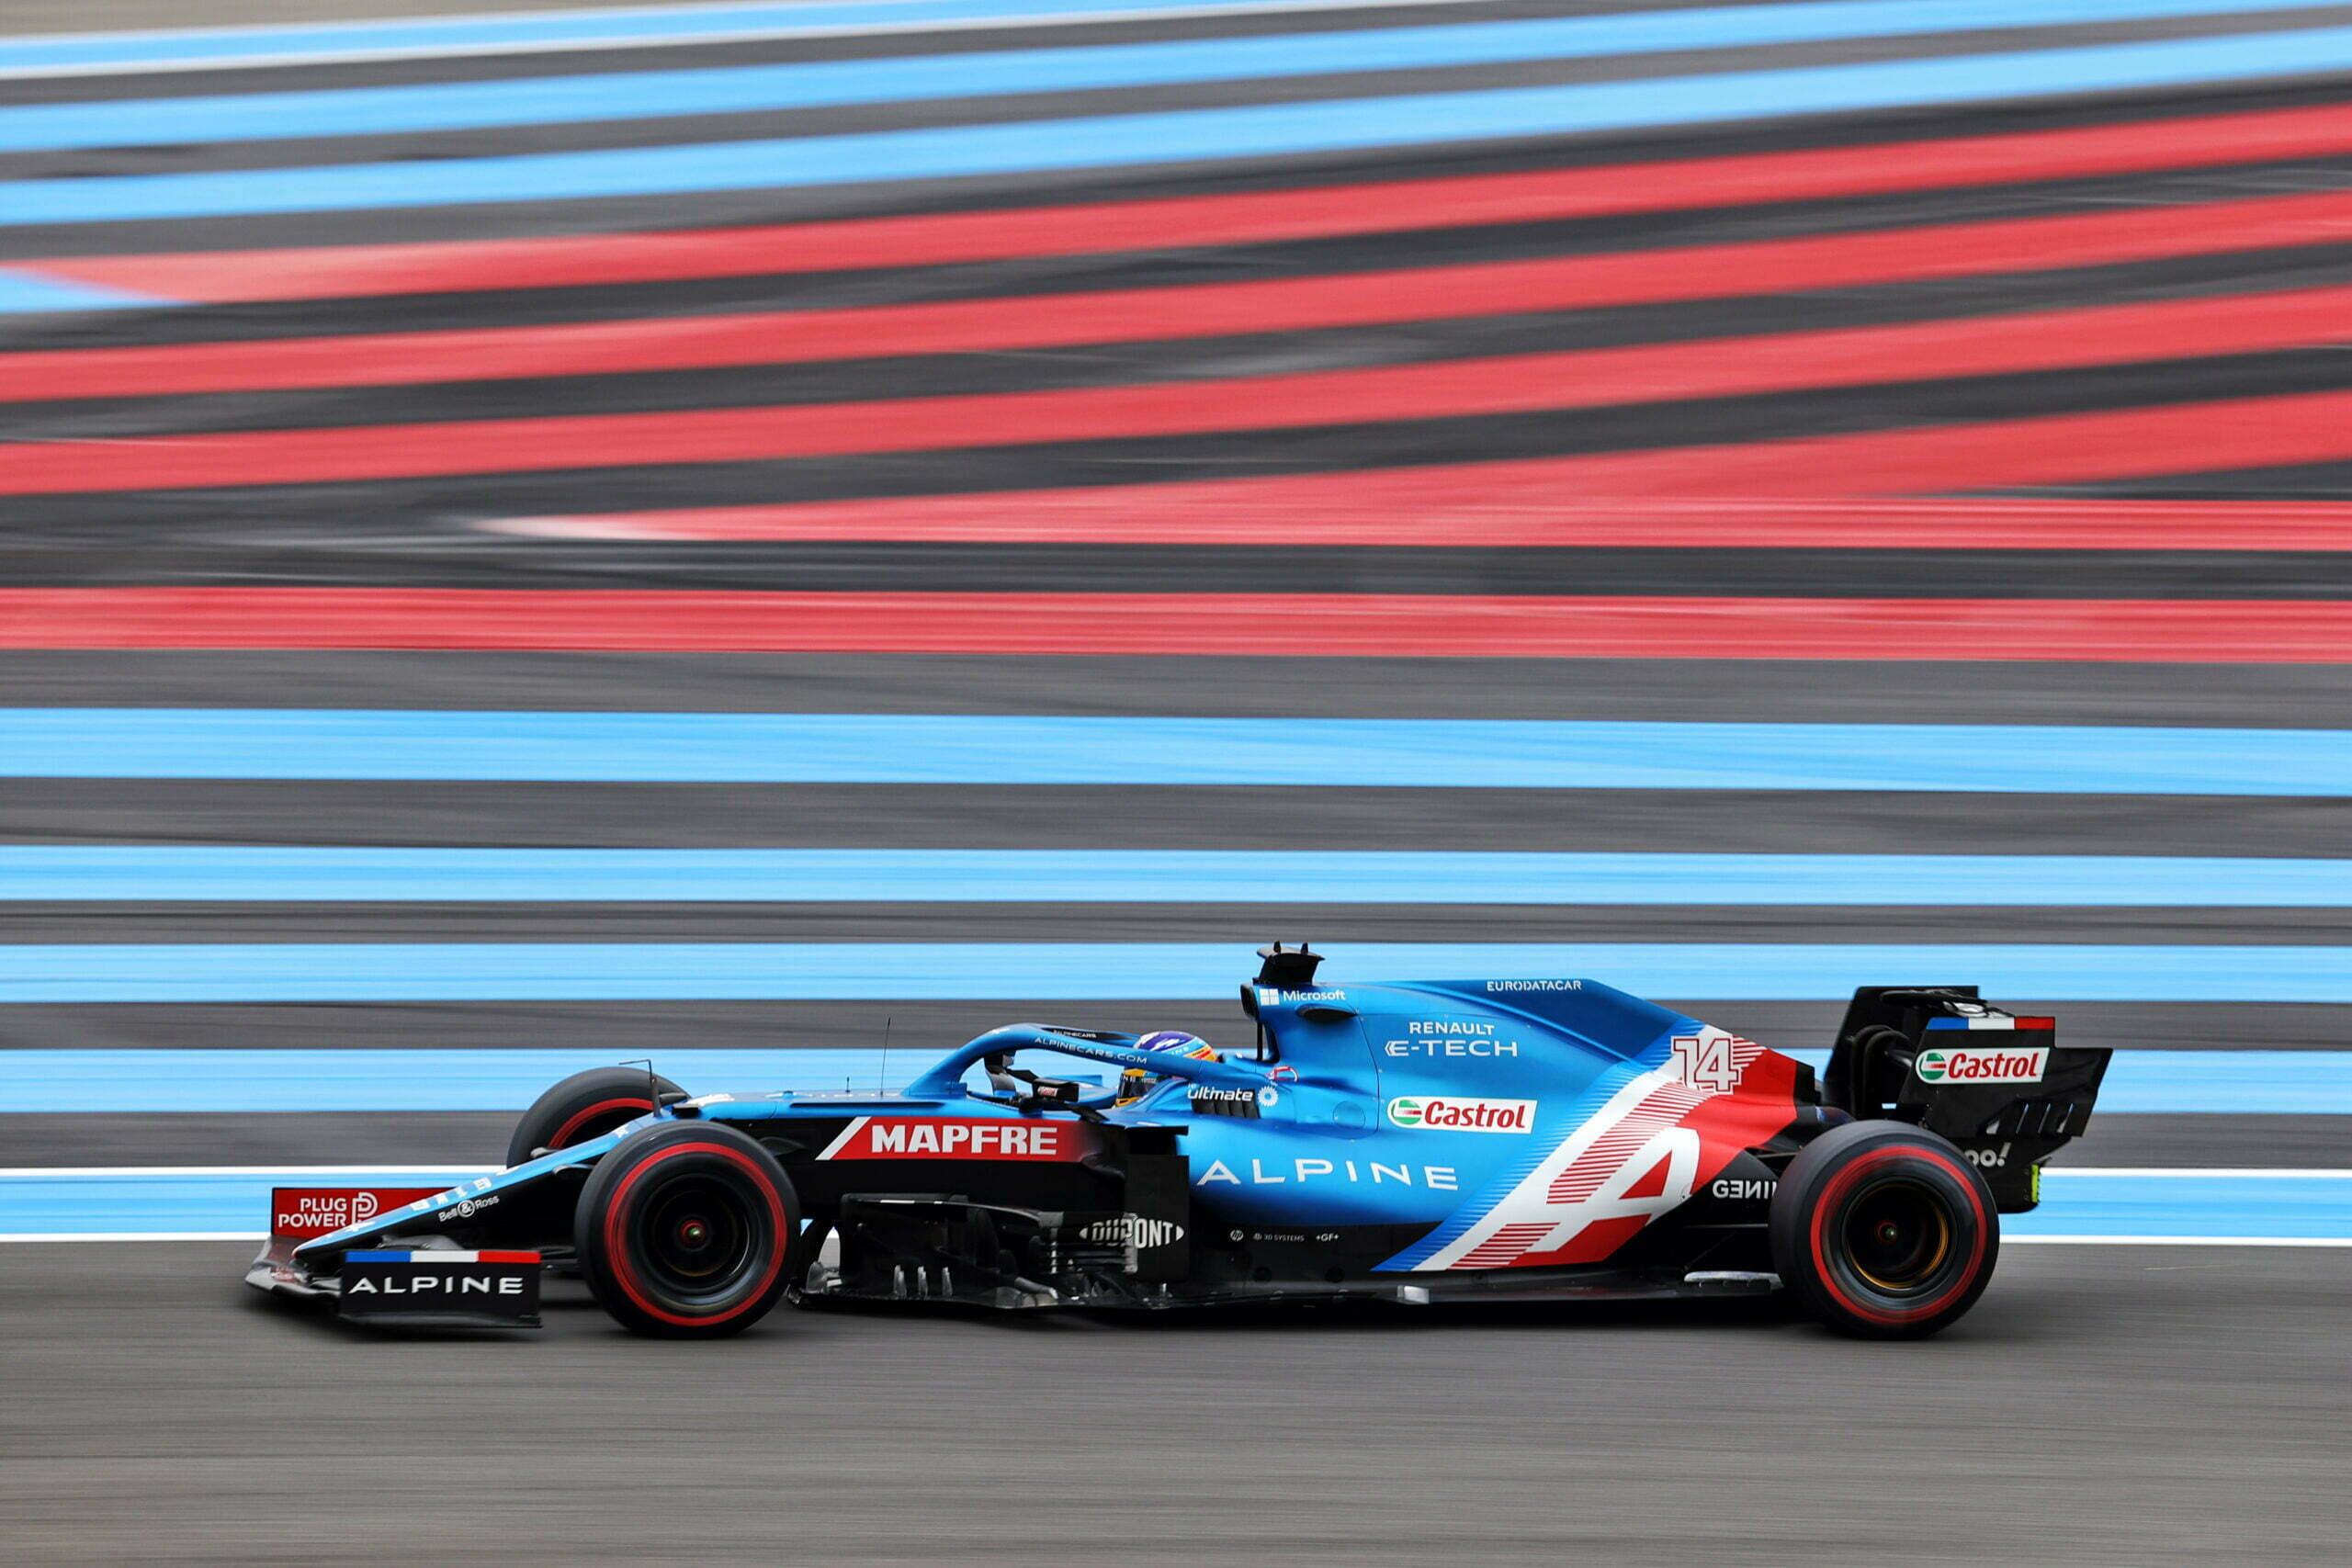 Alpine F1 Team A521 Alonso Ocon Castellet GP FRance 2021 2 scaled   Alpine F1 : Alonso entre en Q3, Ocon bloque en Q2 au Grand-Prix de France